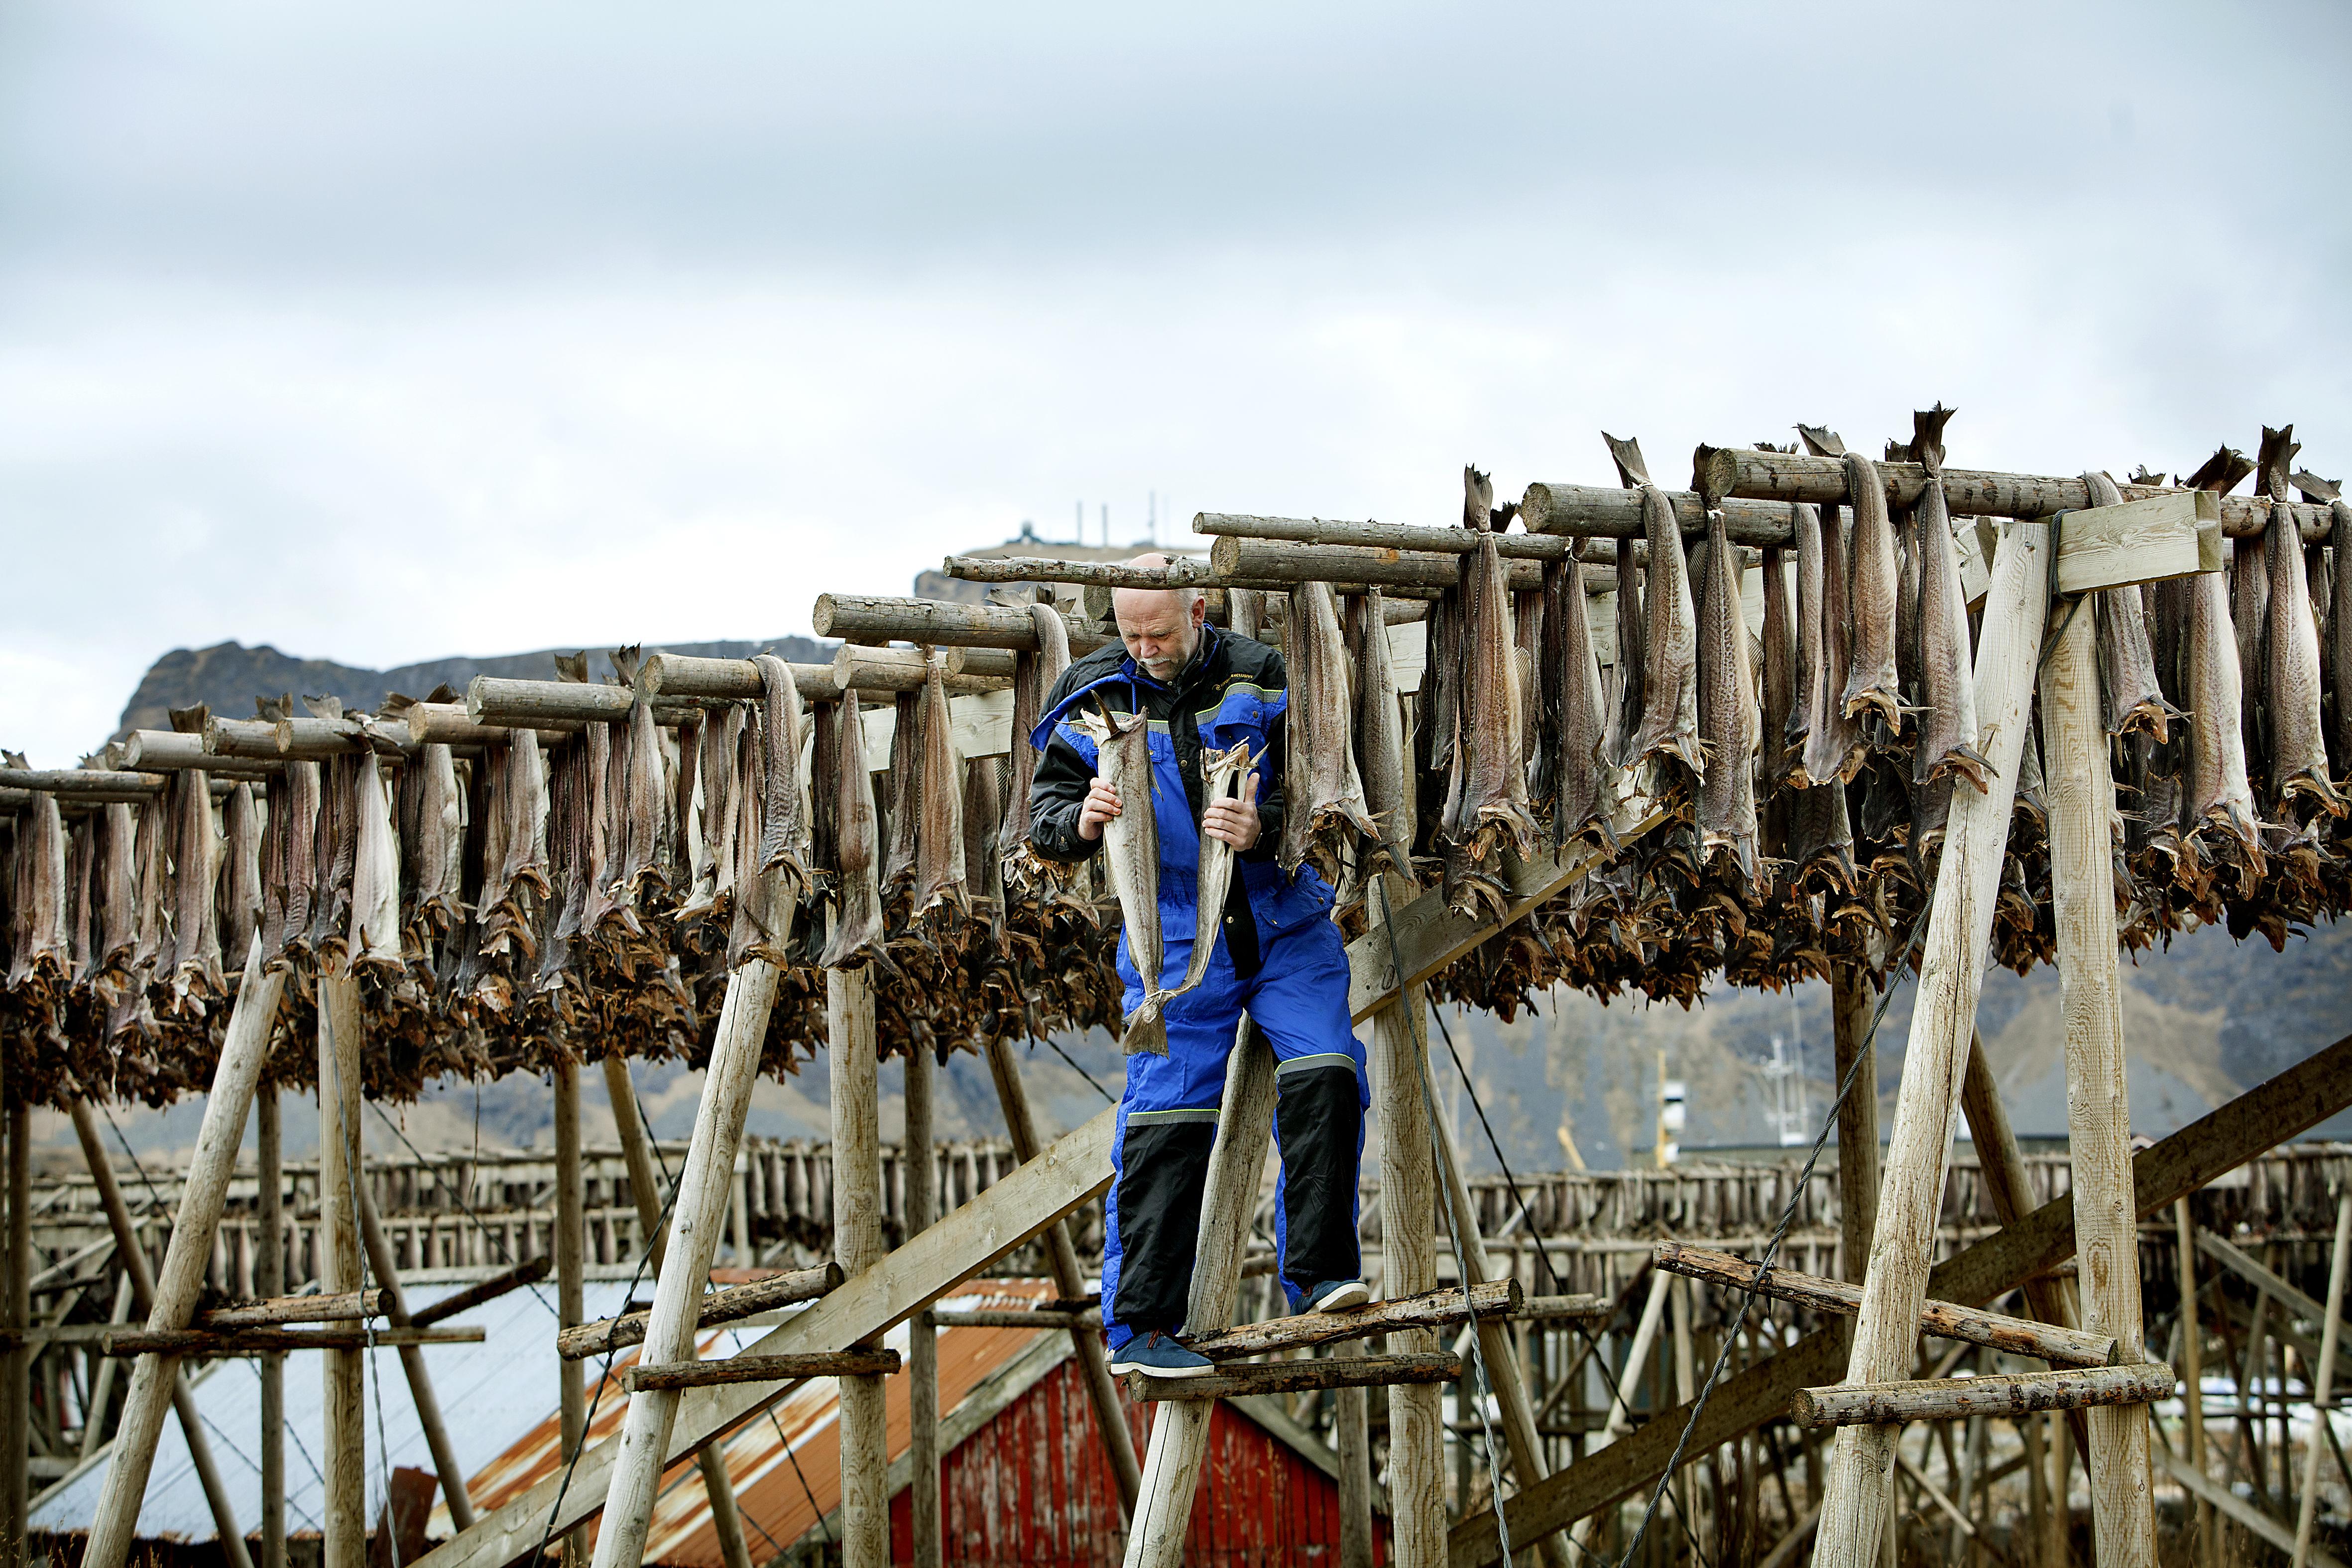 Foto: Mette Møller. Rolf sjekker om årets tørrfisk er klar for å plukkes ned fra hjellene.